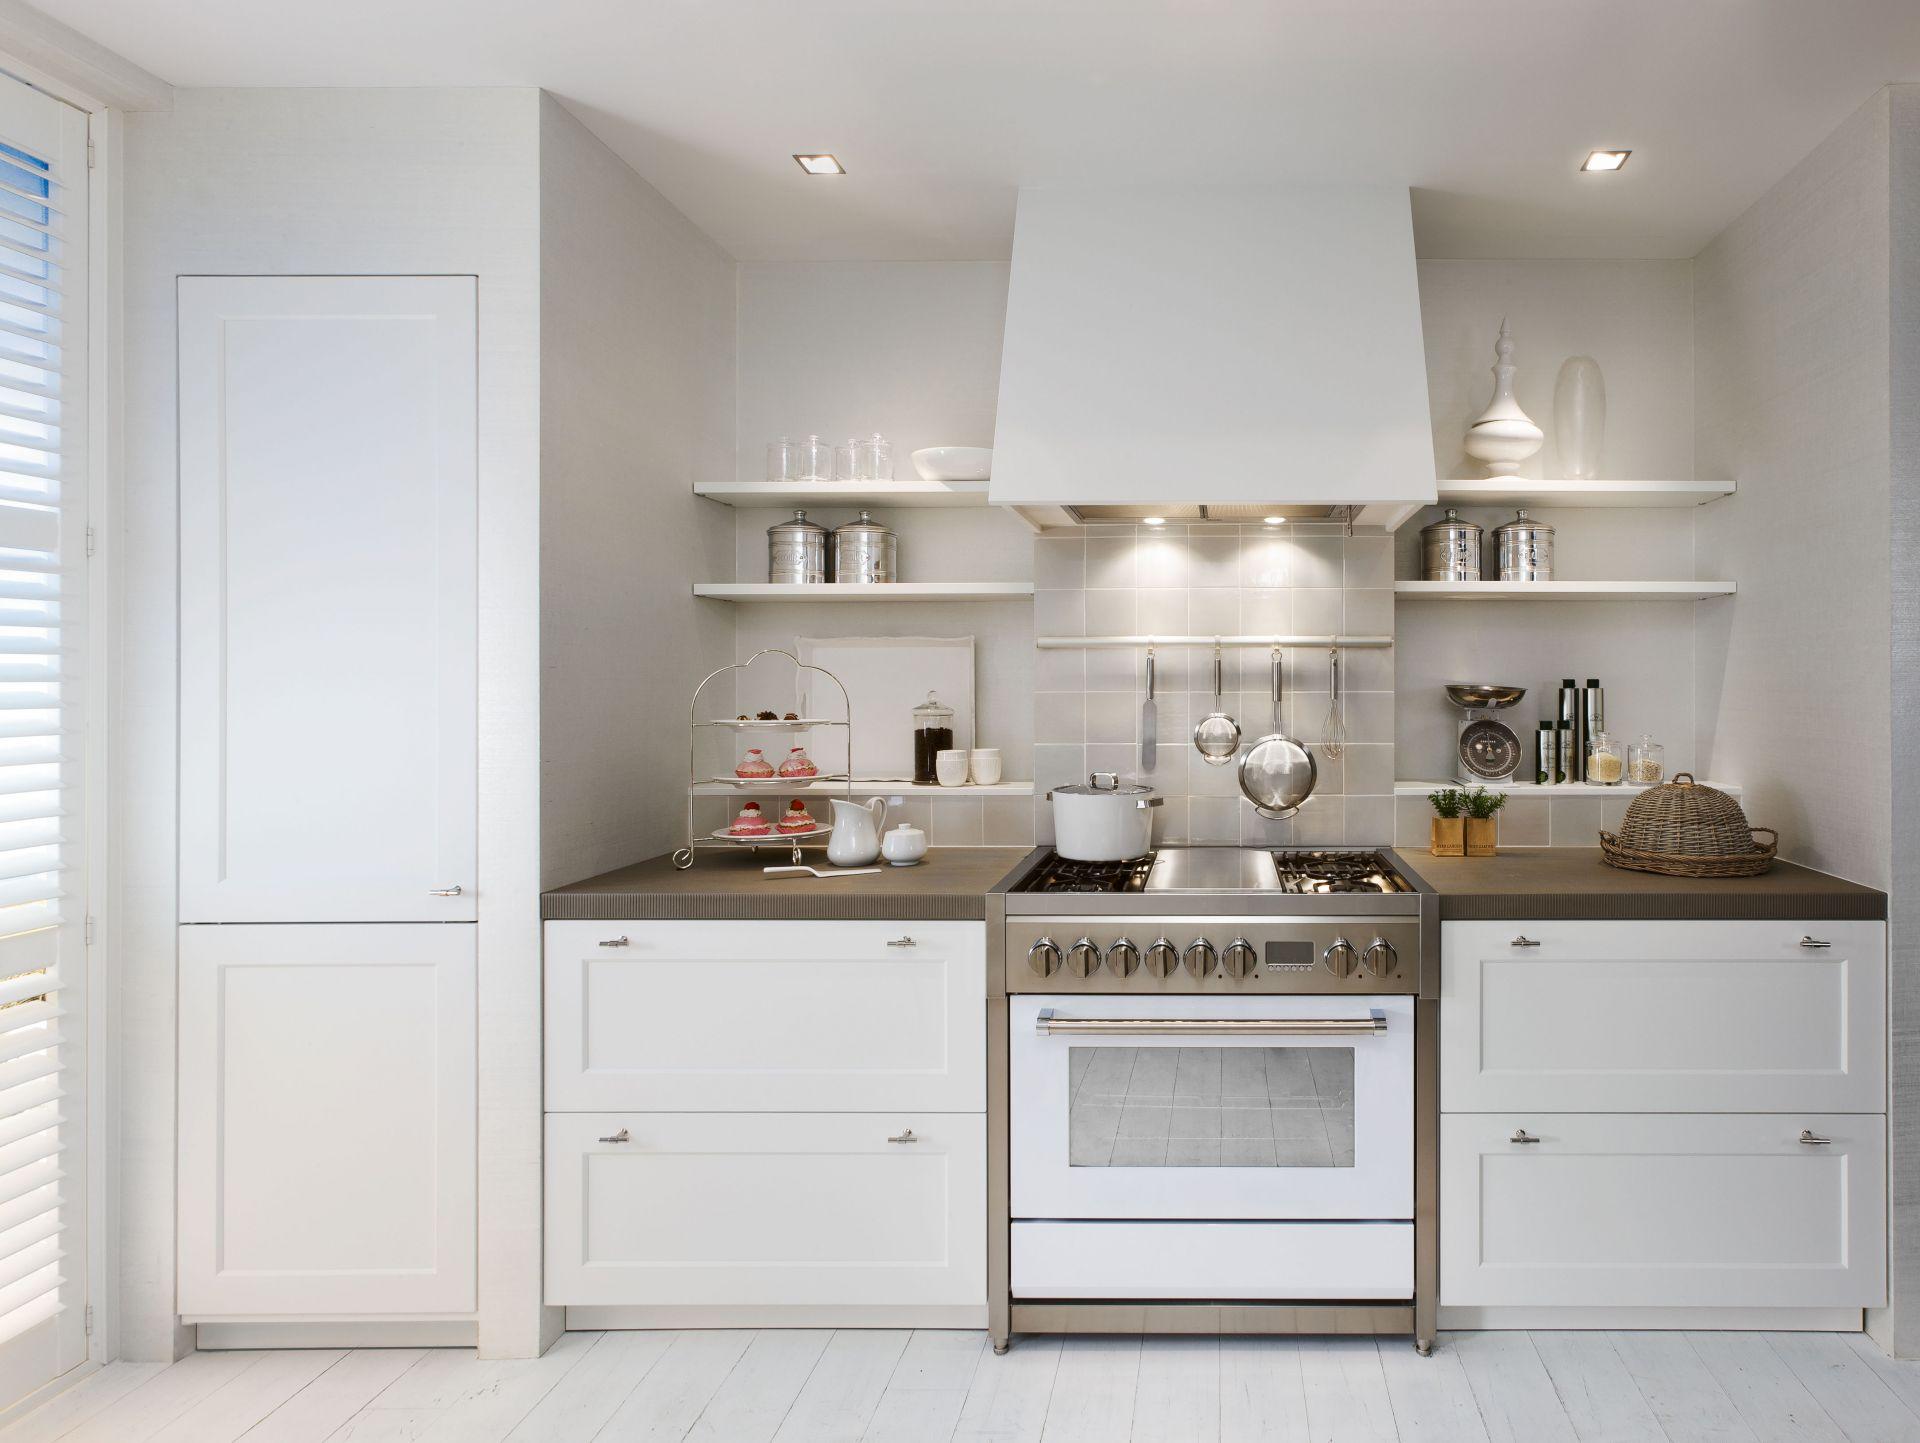 Cocina blanca 49